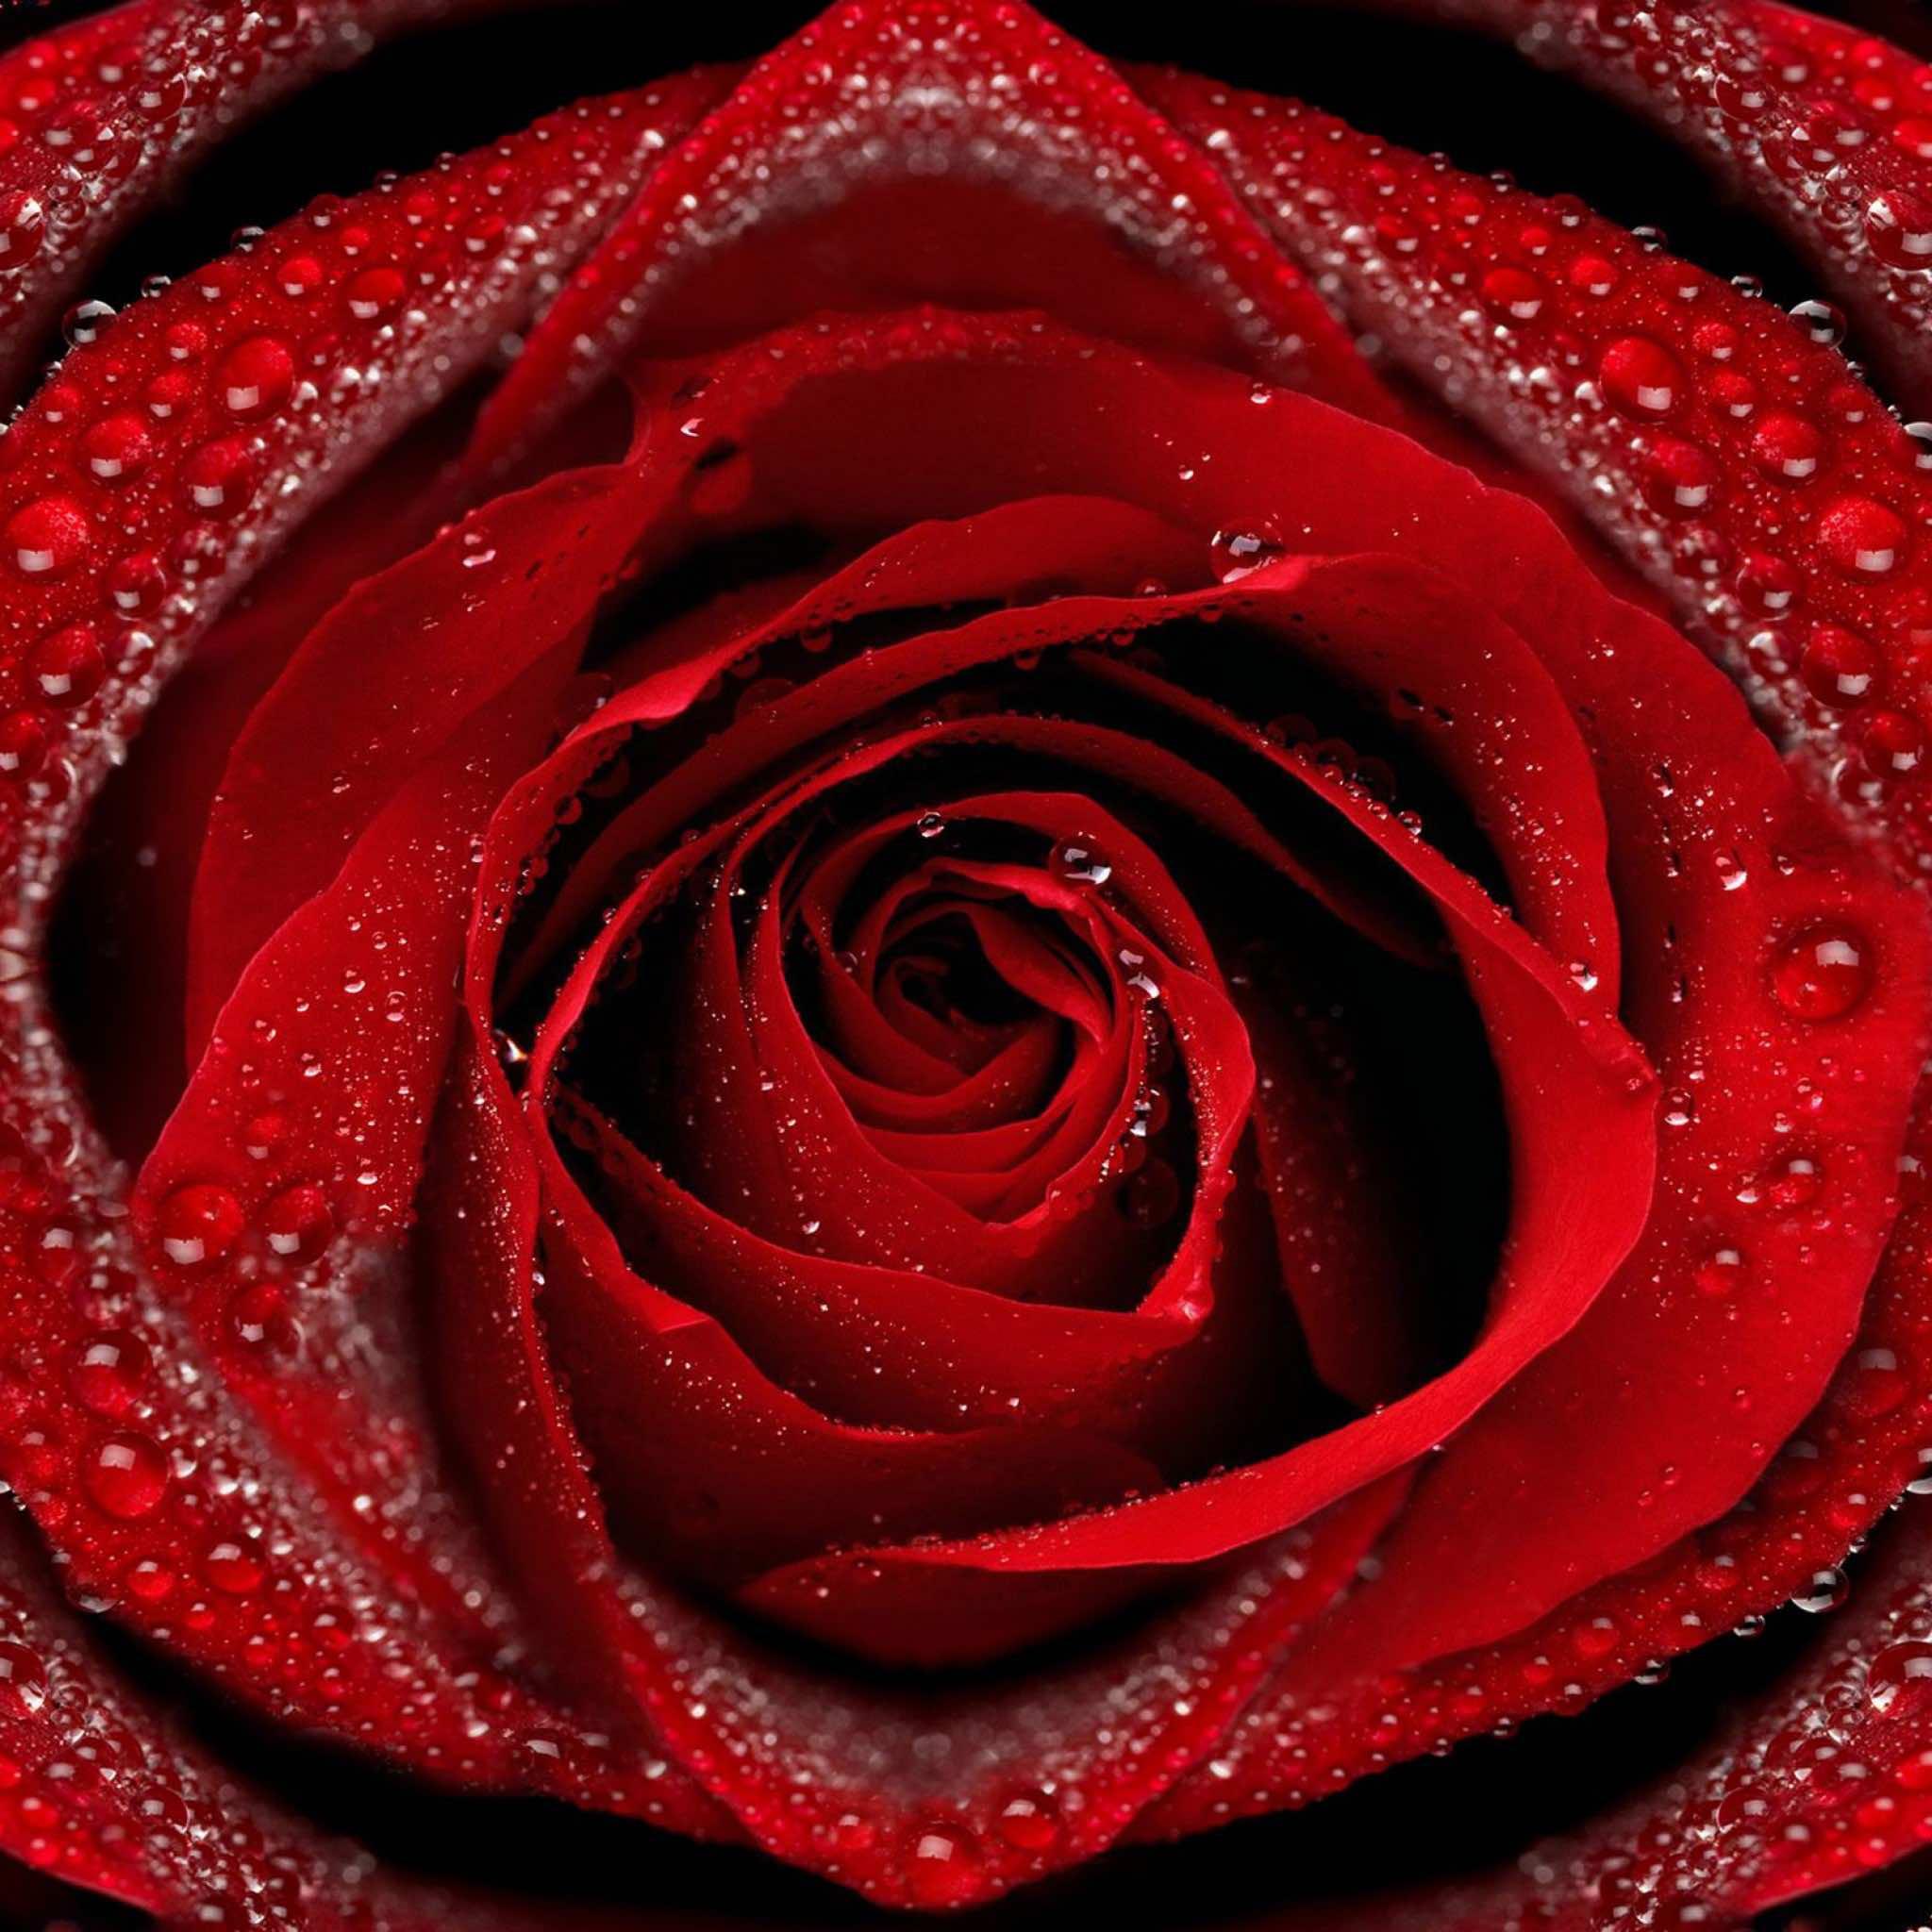 Falling Rose Petals Wallpaper 74 Rose Wallpaper For Hd Download